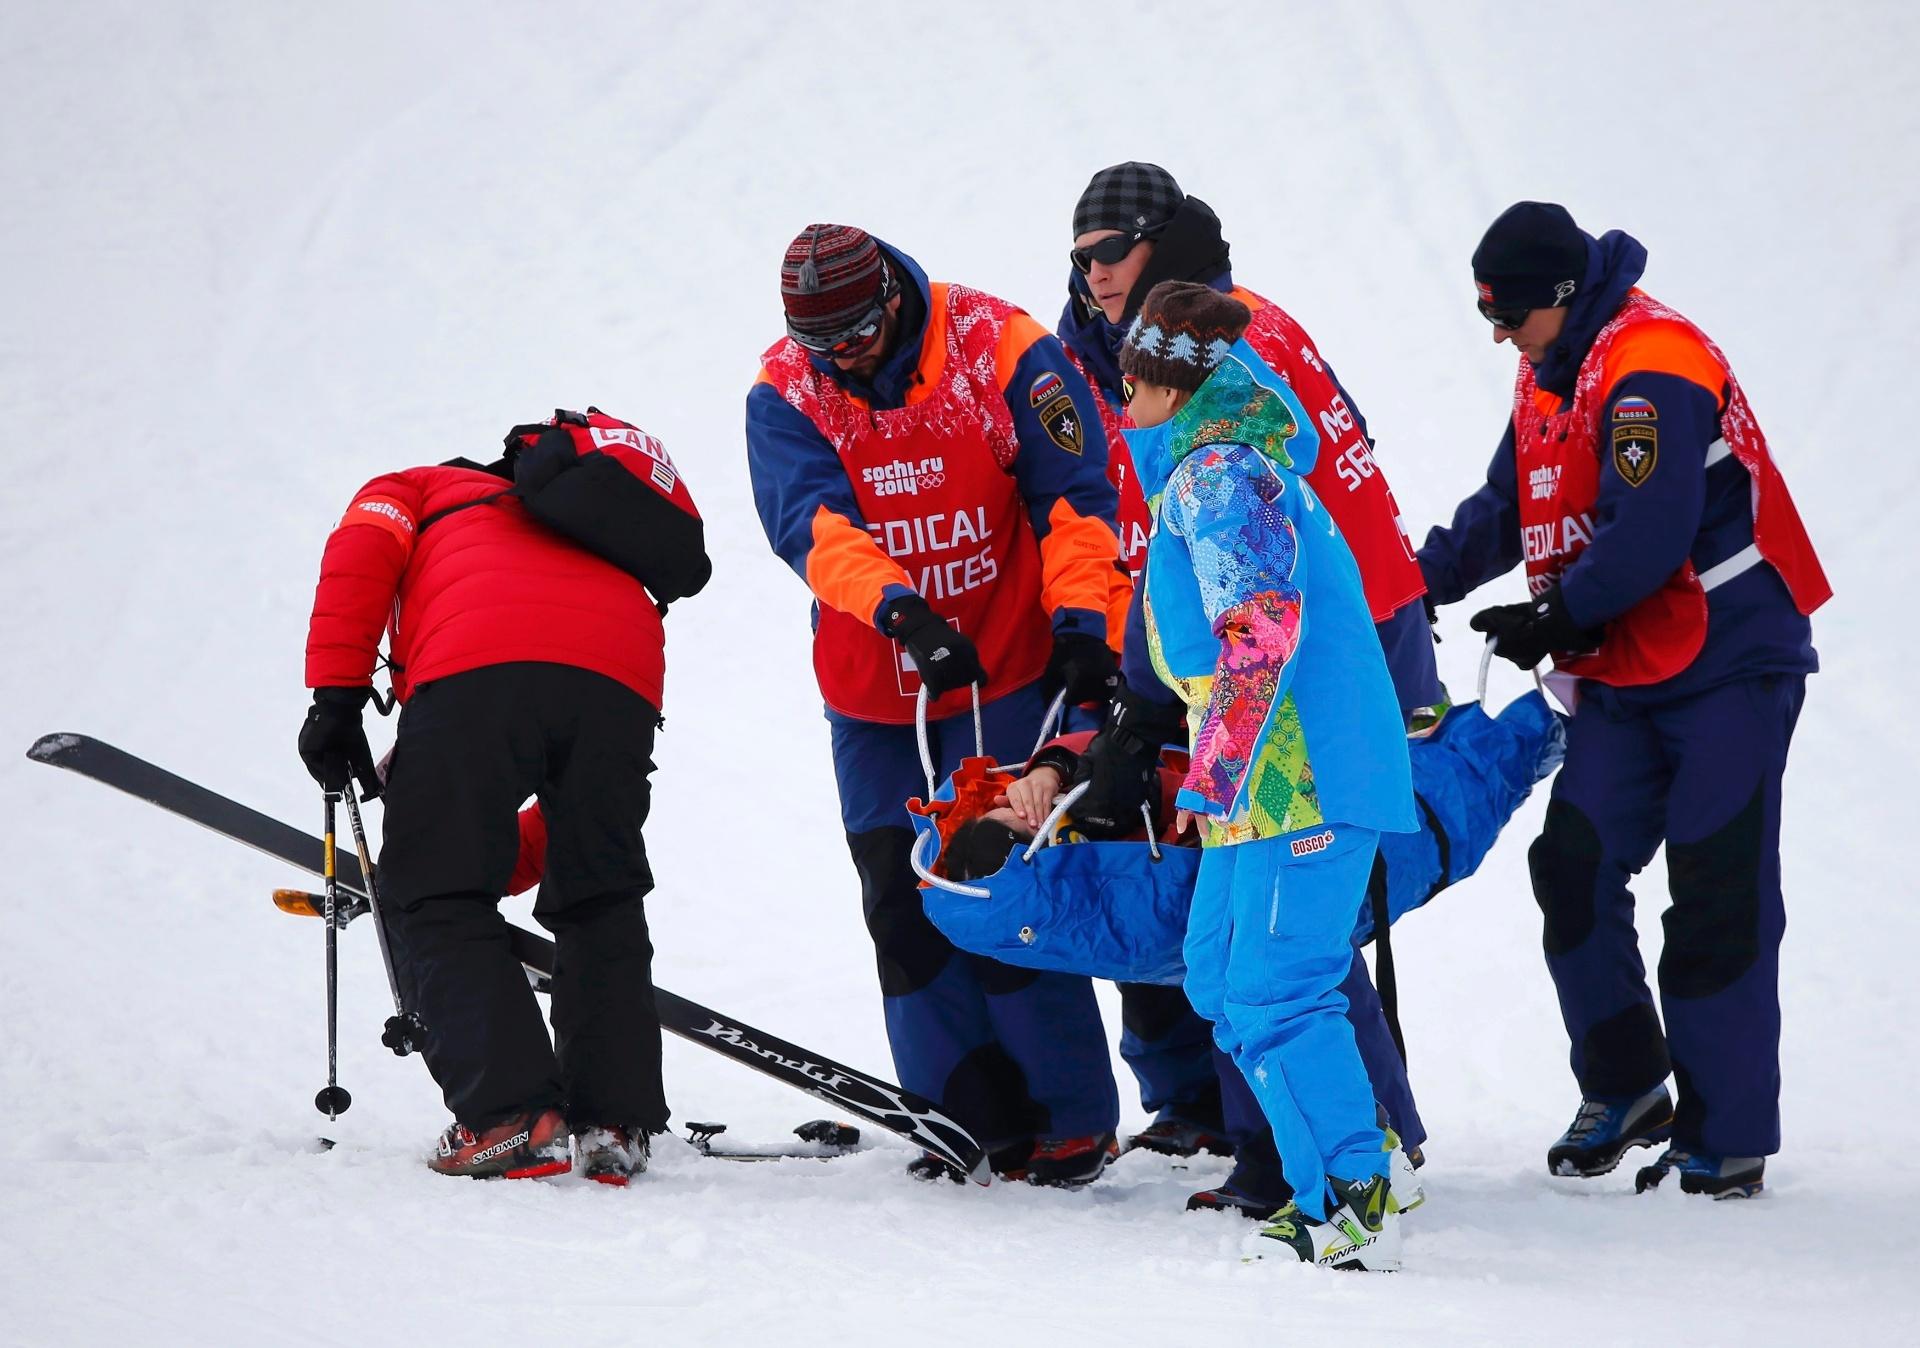 11.02.14 - A canadense Yuki Tsubota sofreu uma queda feia na competição de estilo livre nos Jogos Olímpicos de Inverno. Ela ficou no chão por um tempo até ser carregada de maca para o hospital